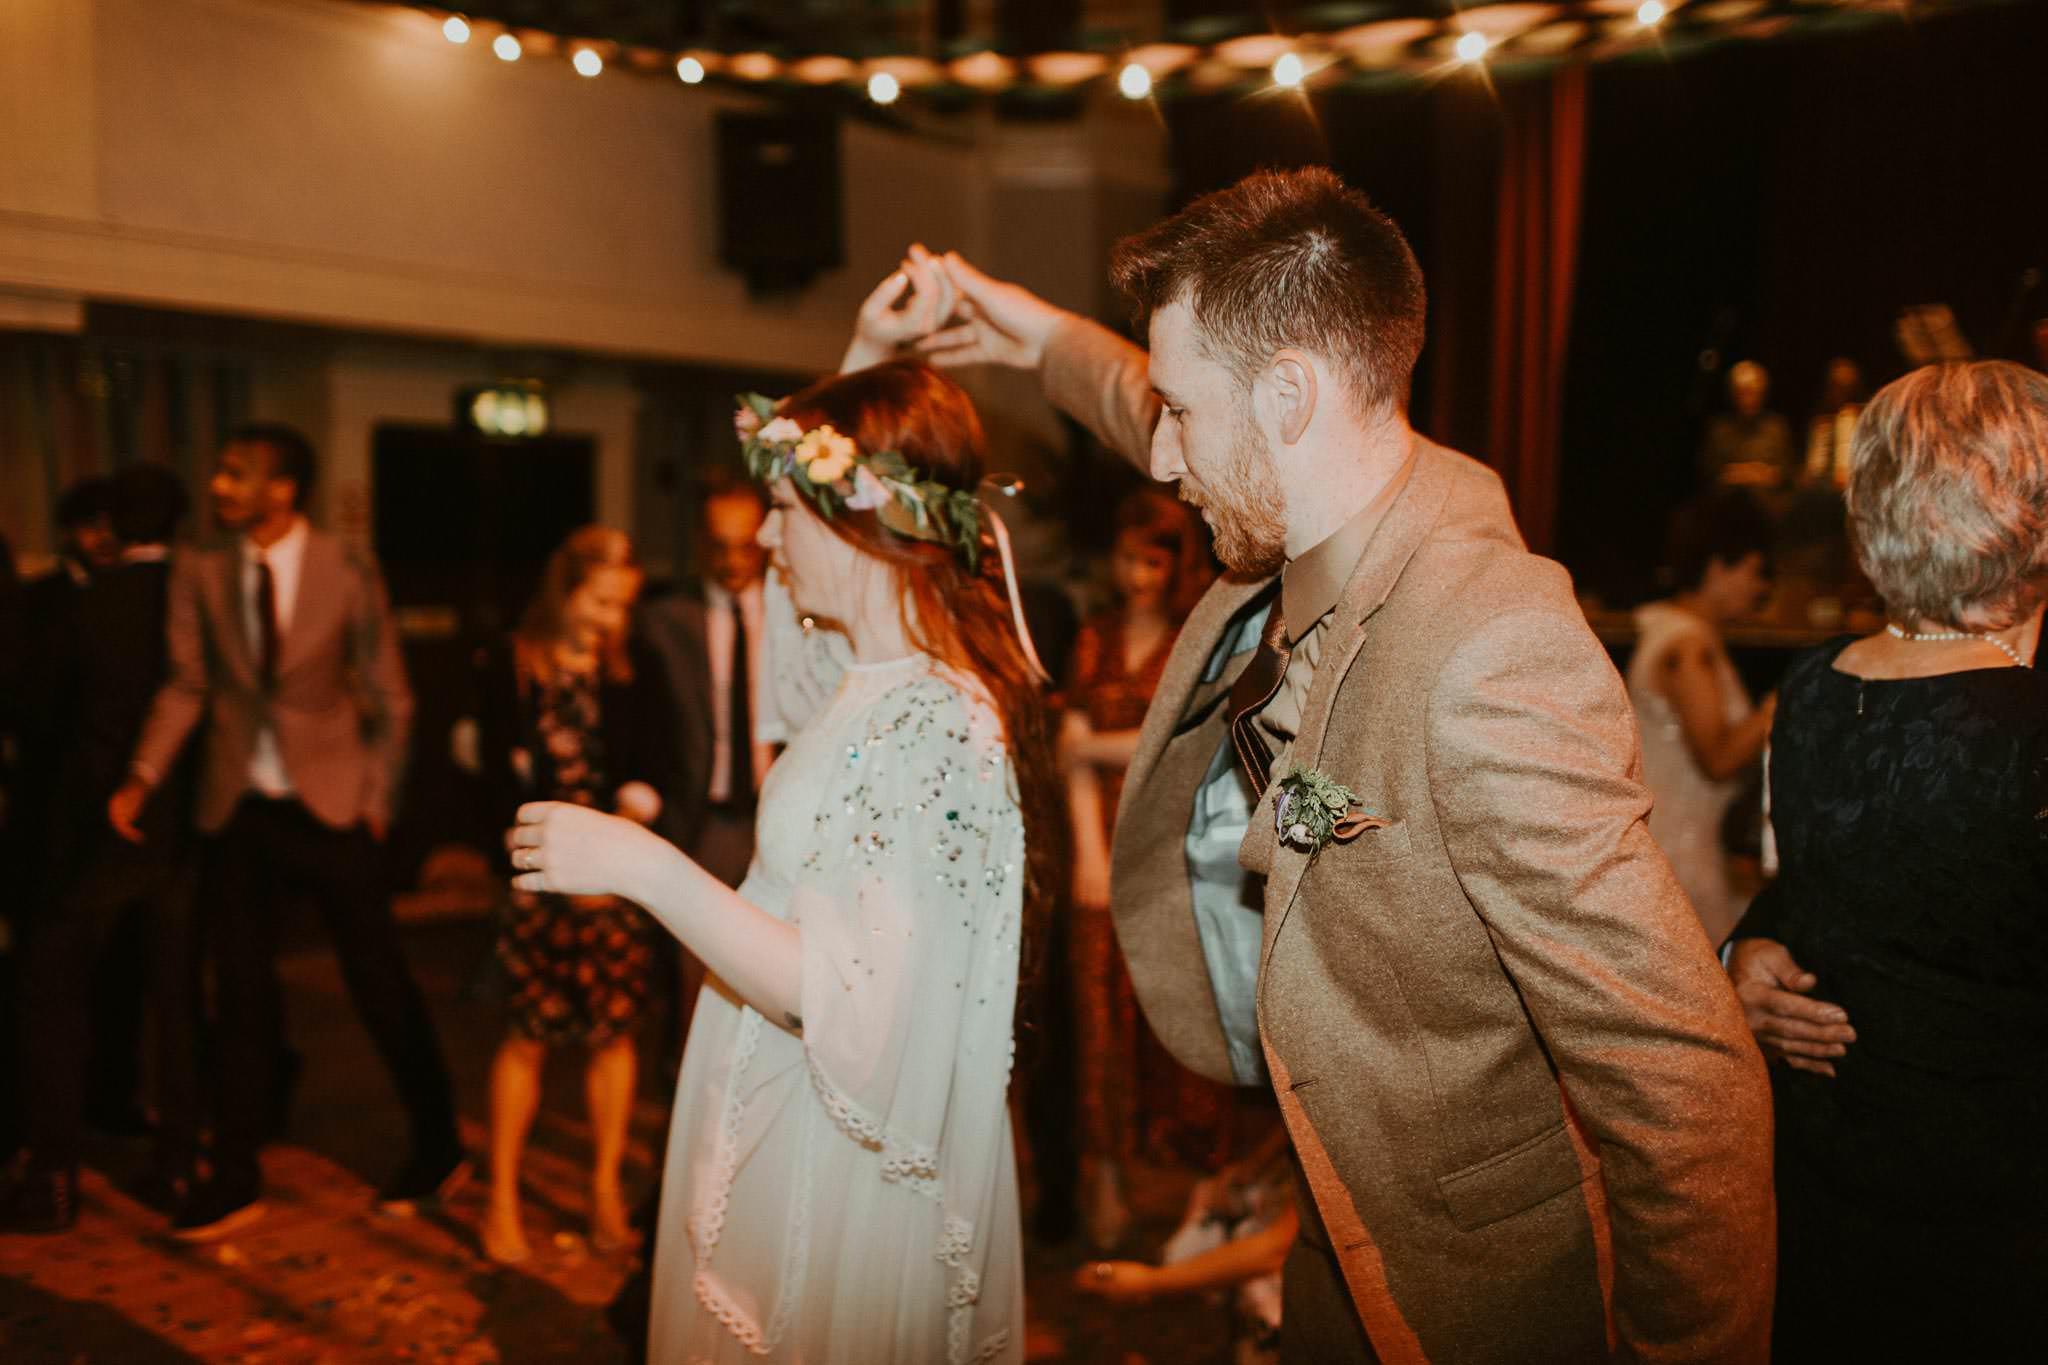 scottish-wedding-photography-164